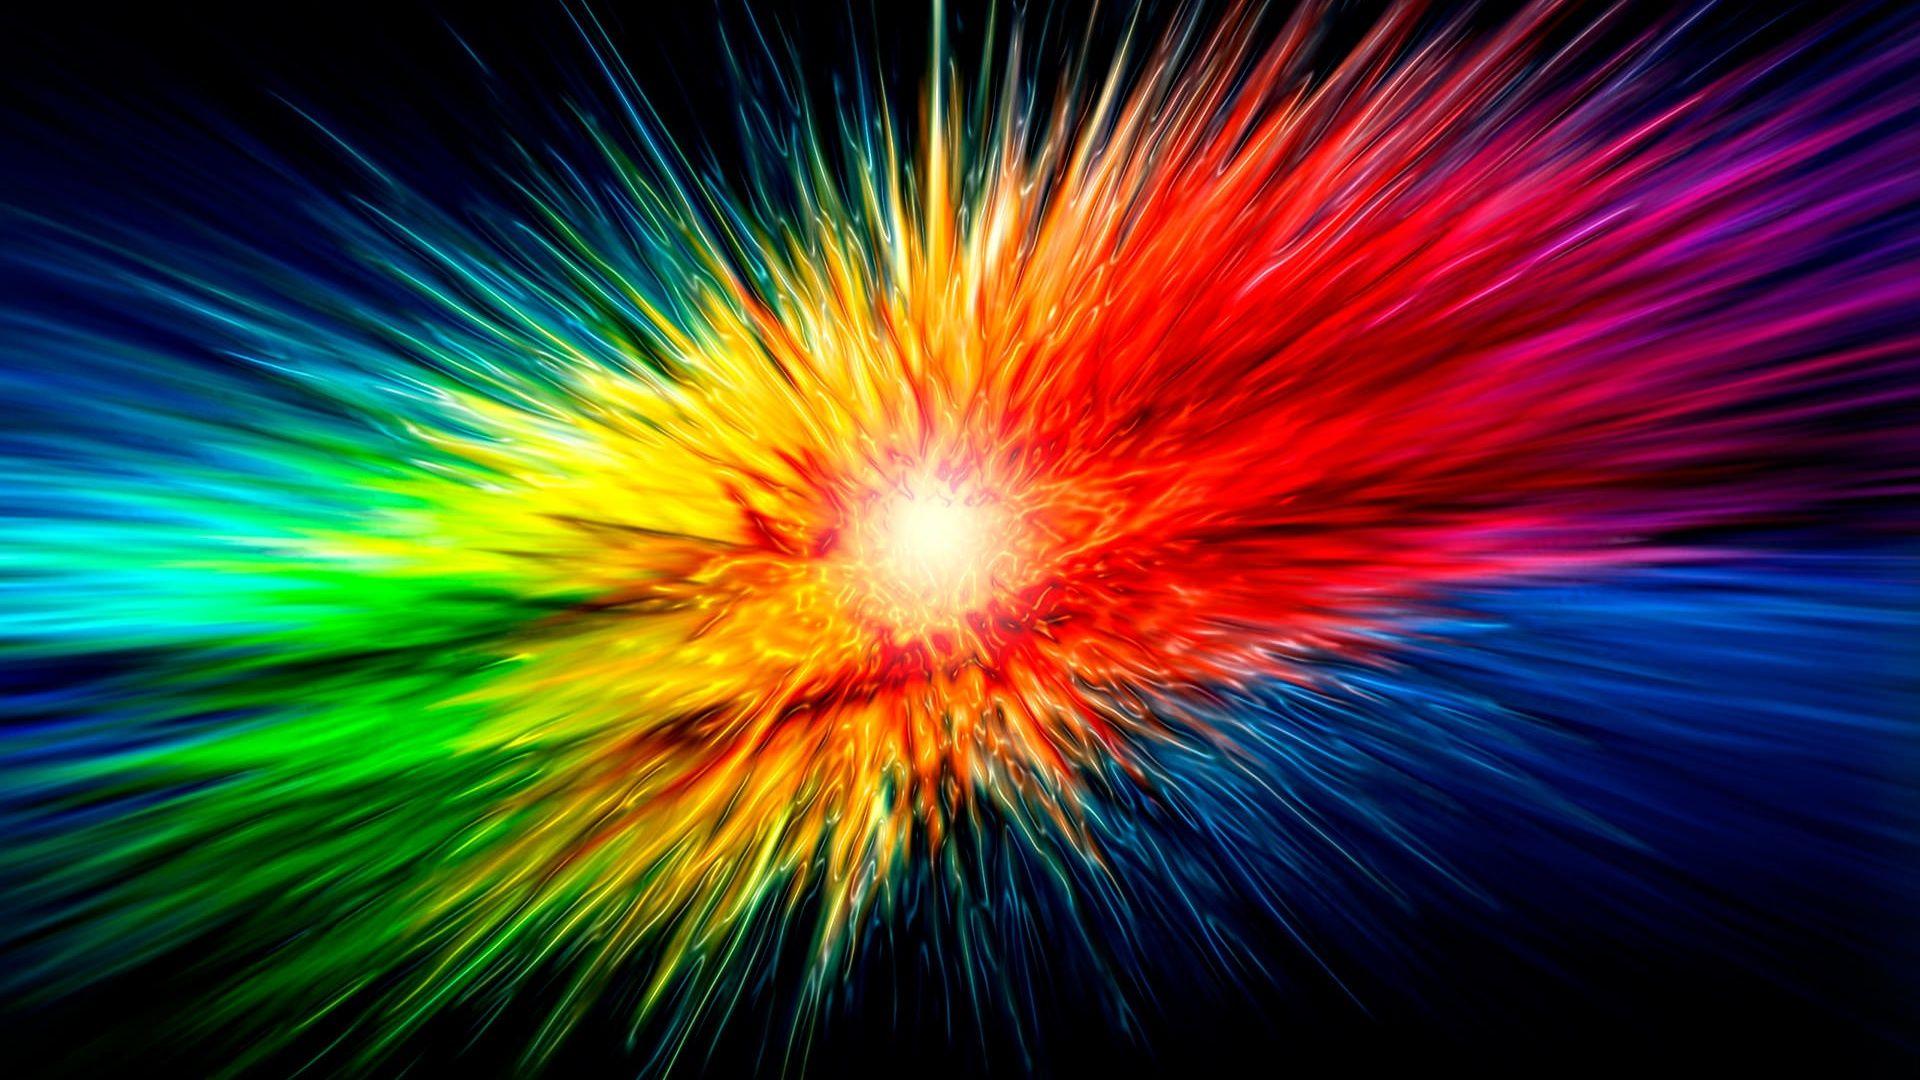 Rainbow Download Wallpaper